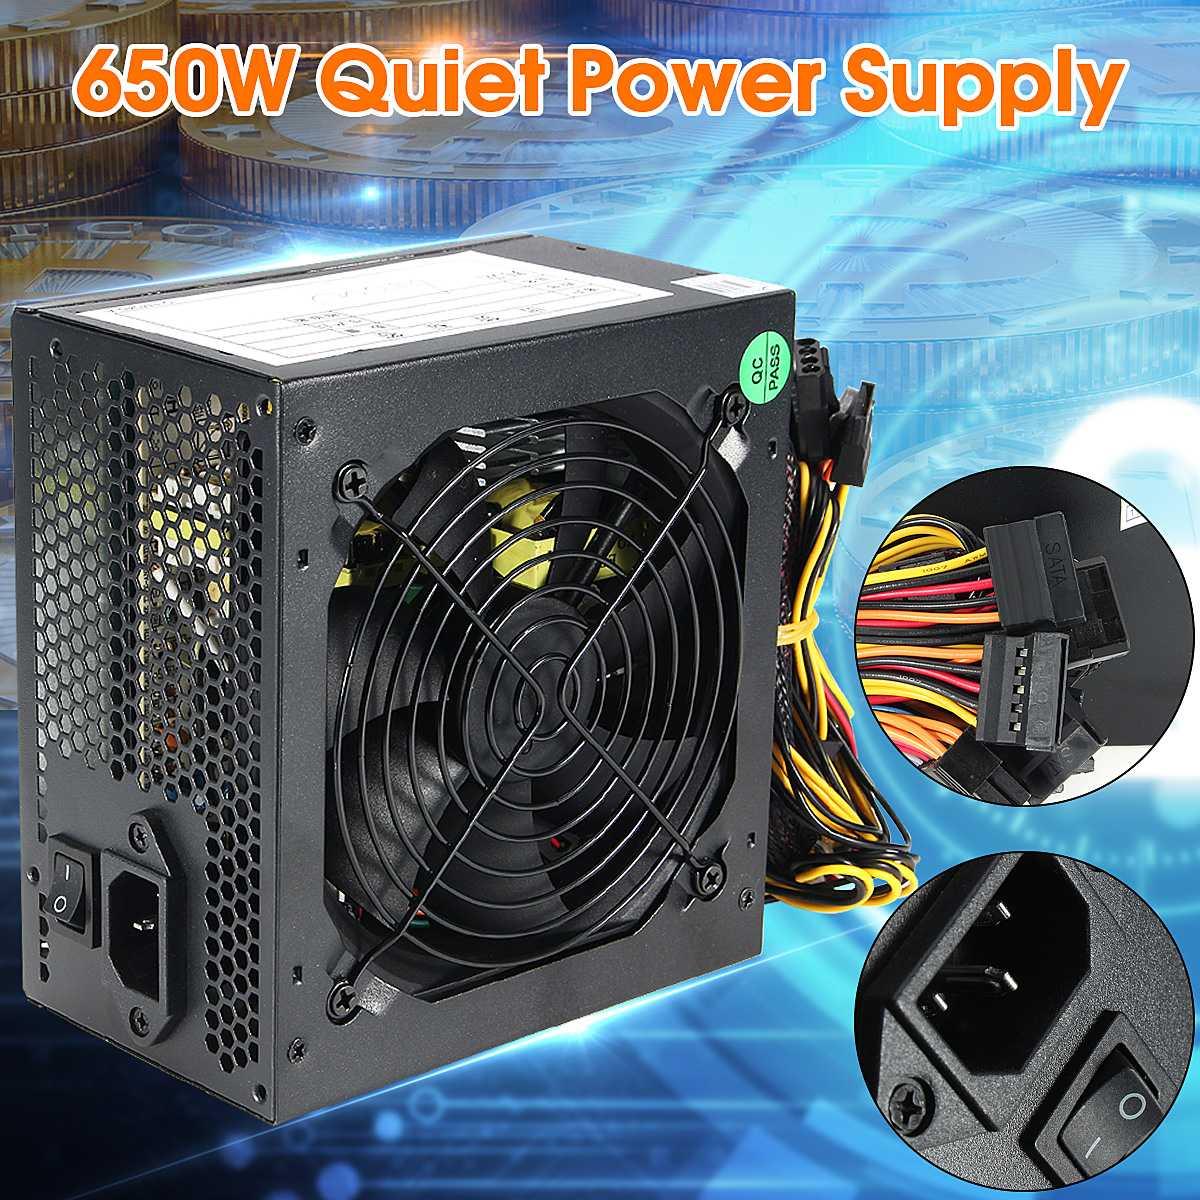 600 Вт блок питания для ПК питание черный игровой ТИХИЙ 120 мм вентилятор 20/24pin 12 В ATX новый компьютер для BTC